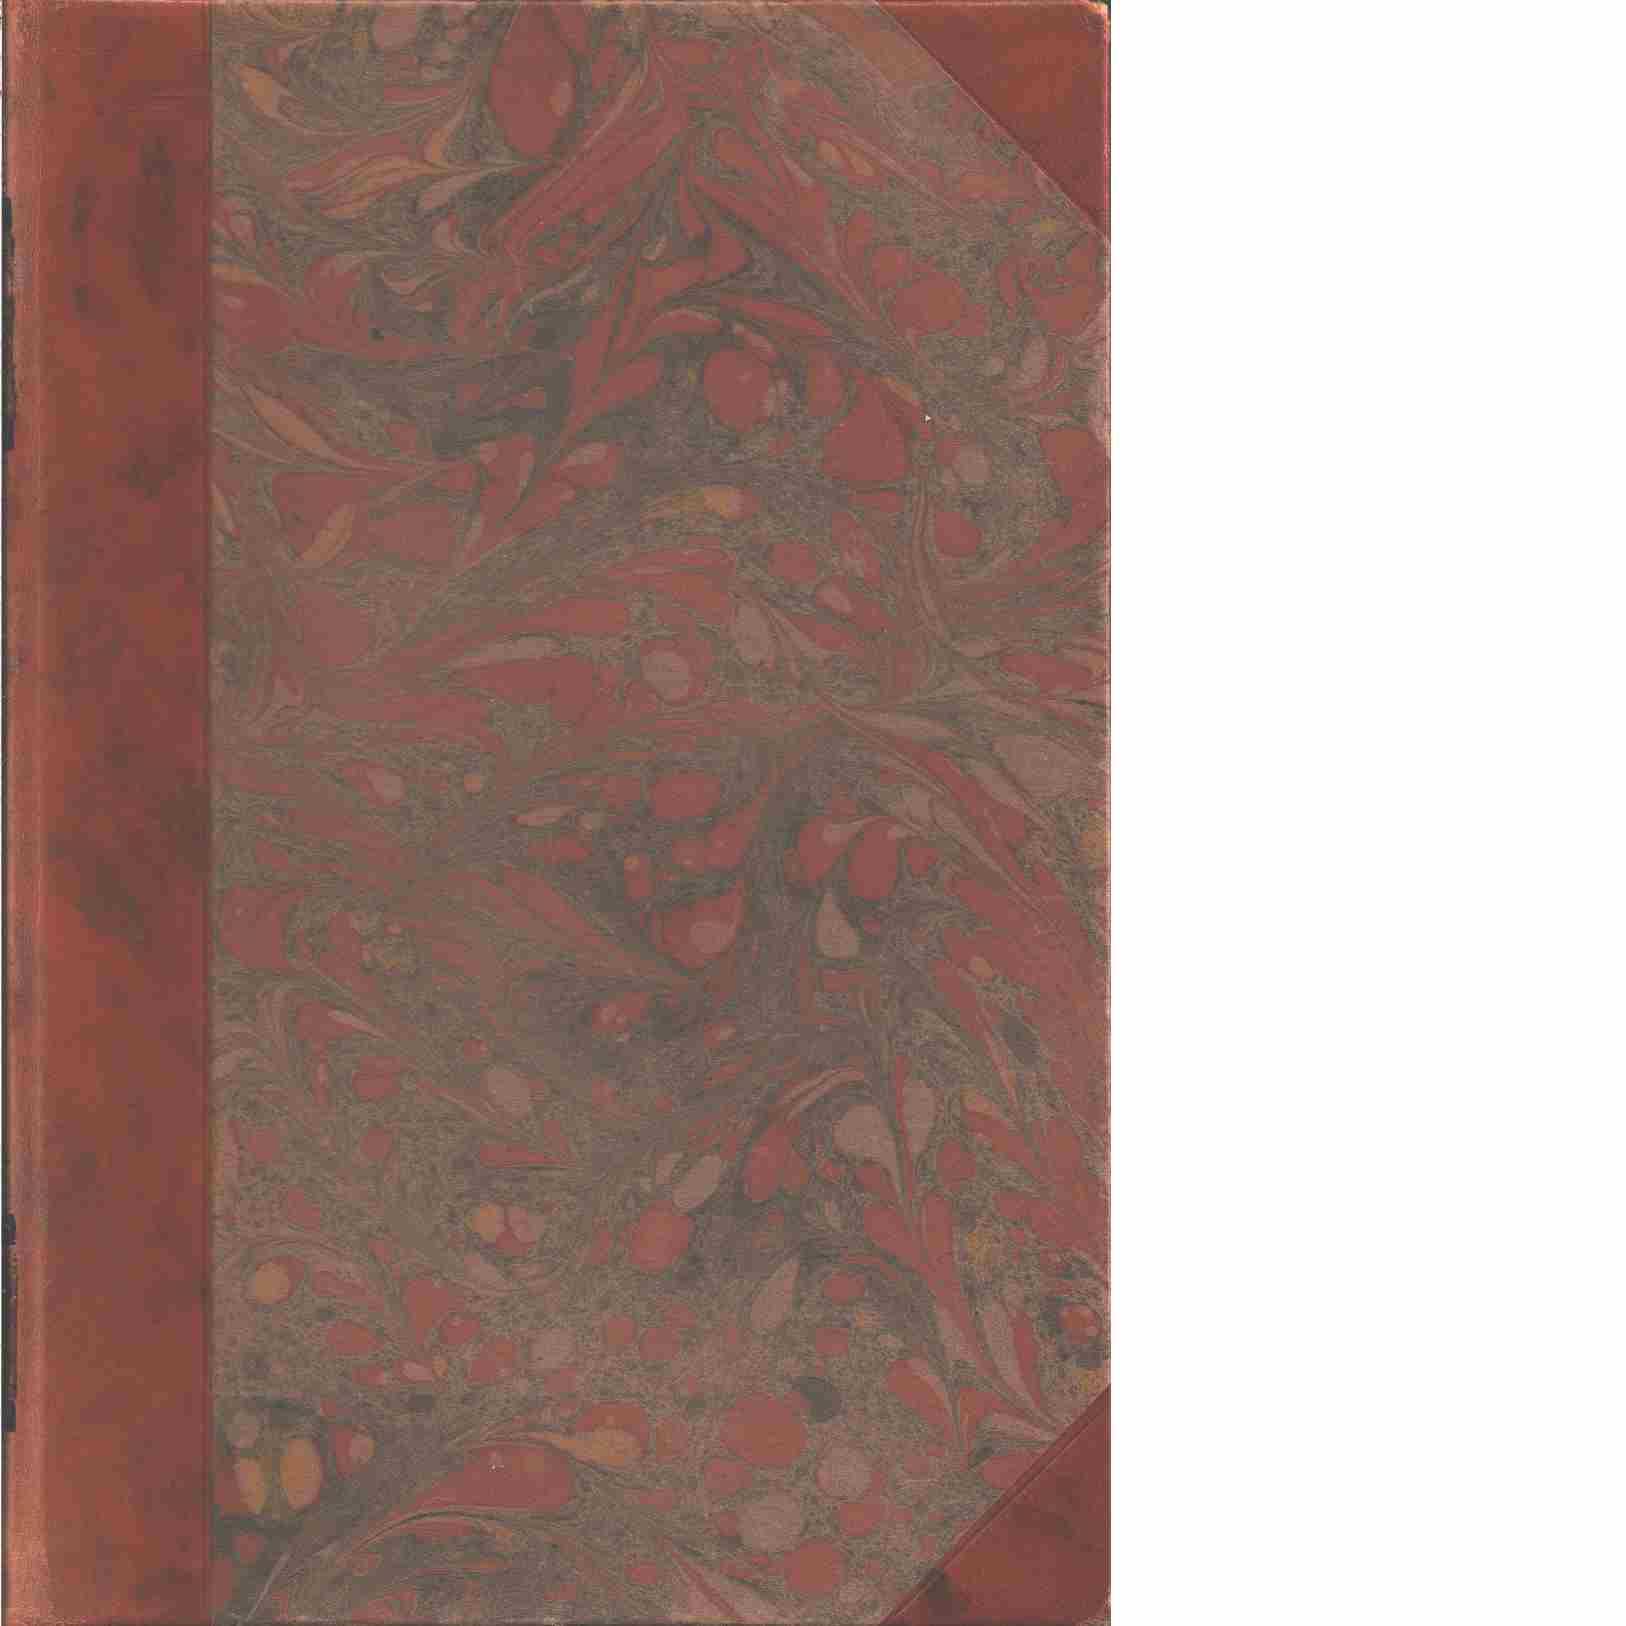 Teknikens triumfer i fartens århundrade. D. 3 - Schieldrop, Edgar B.